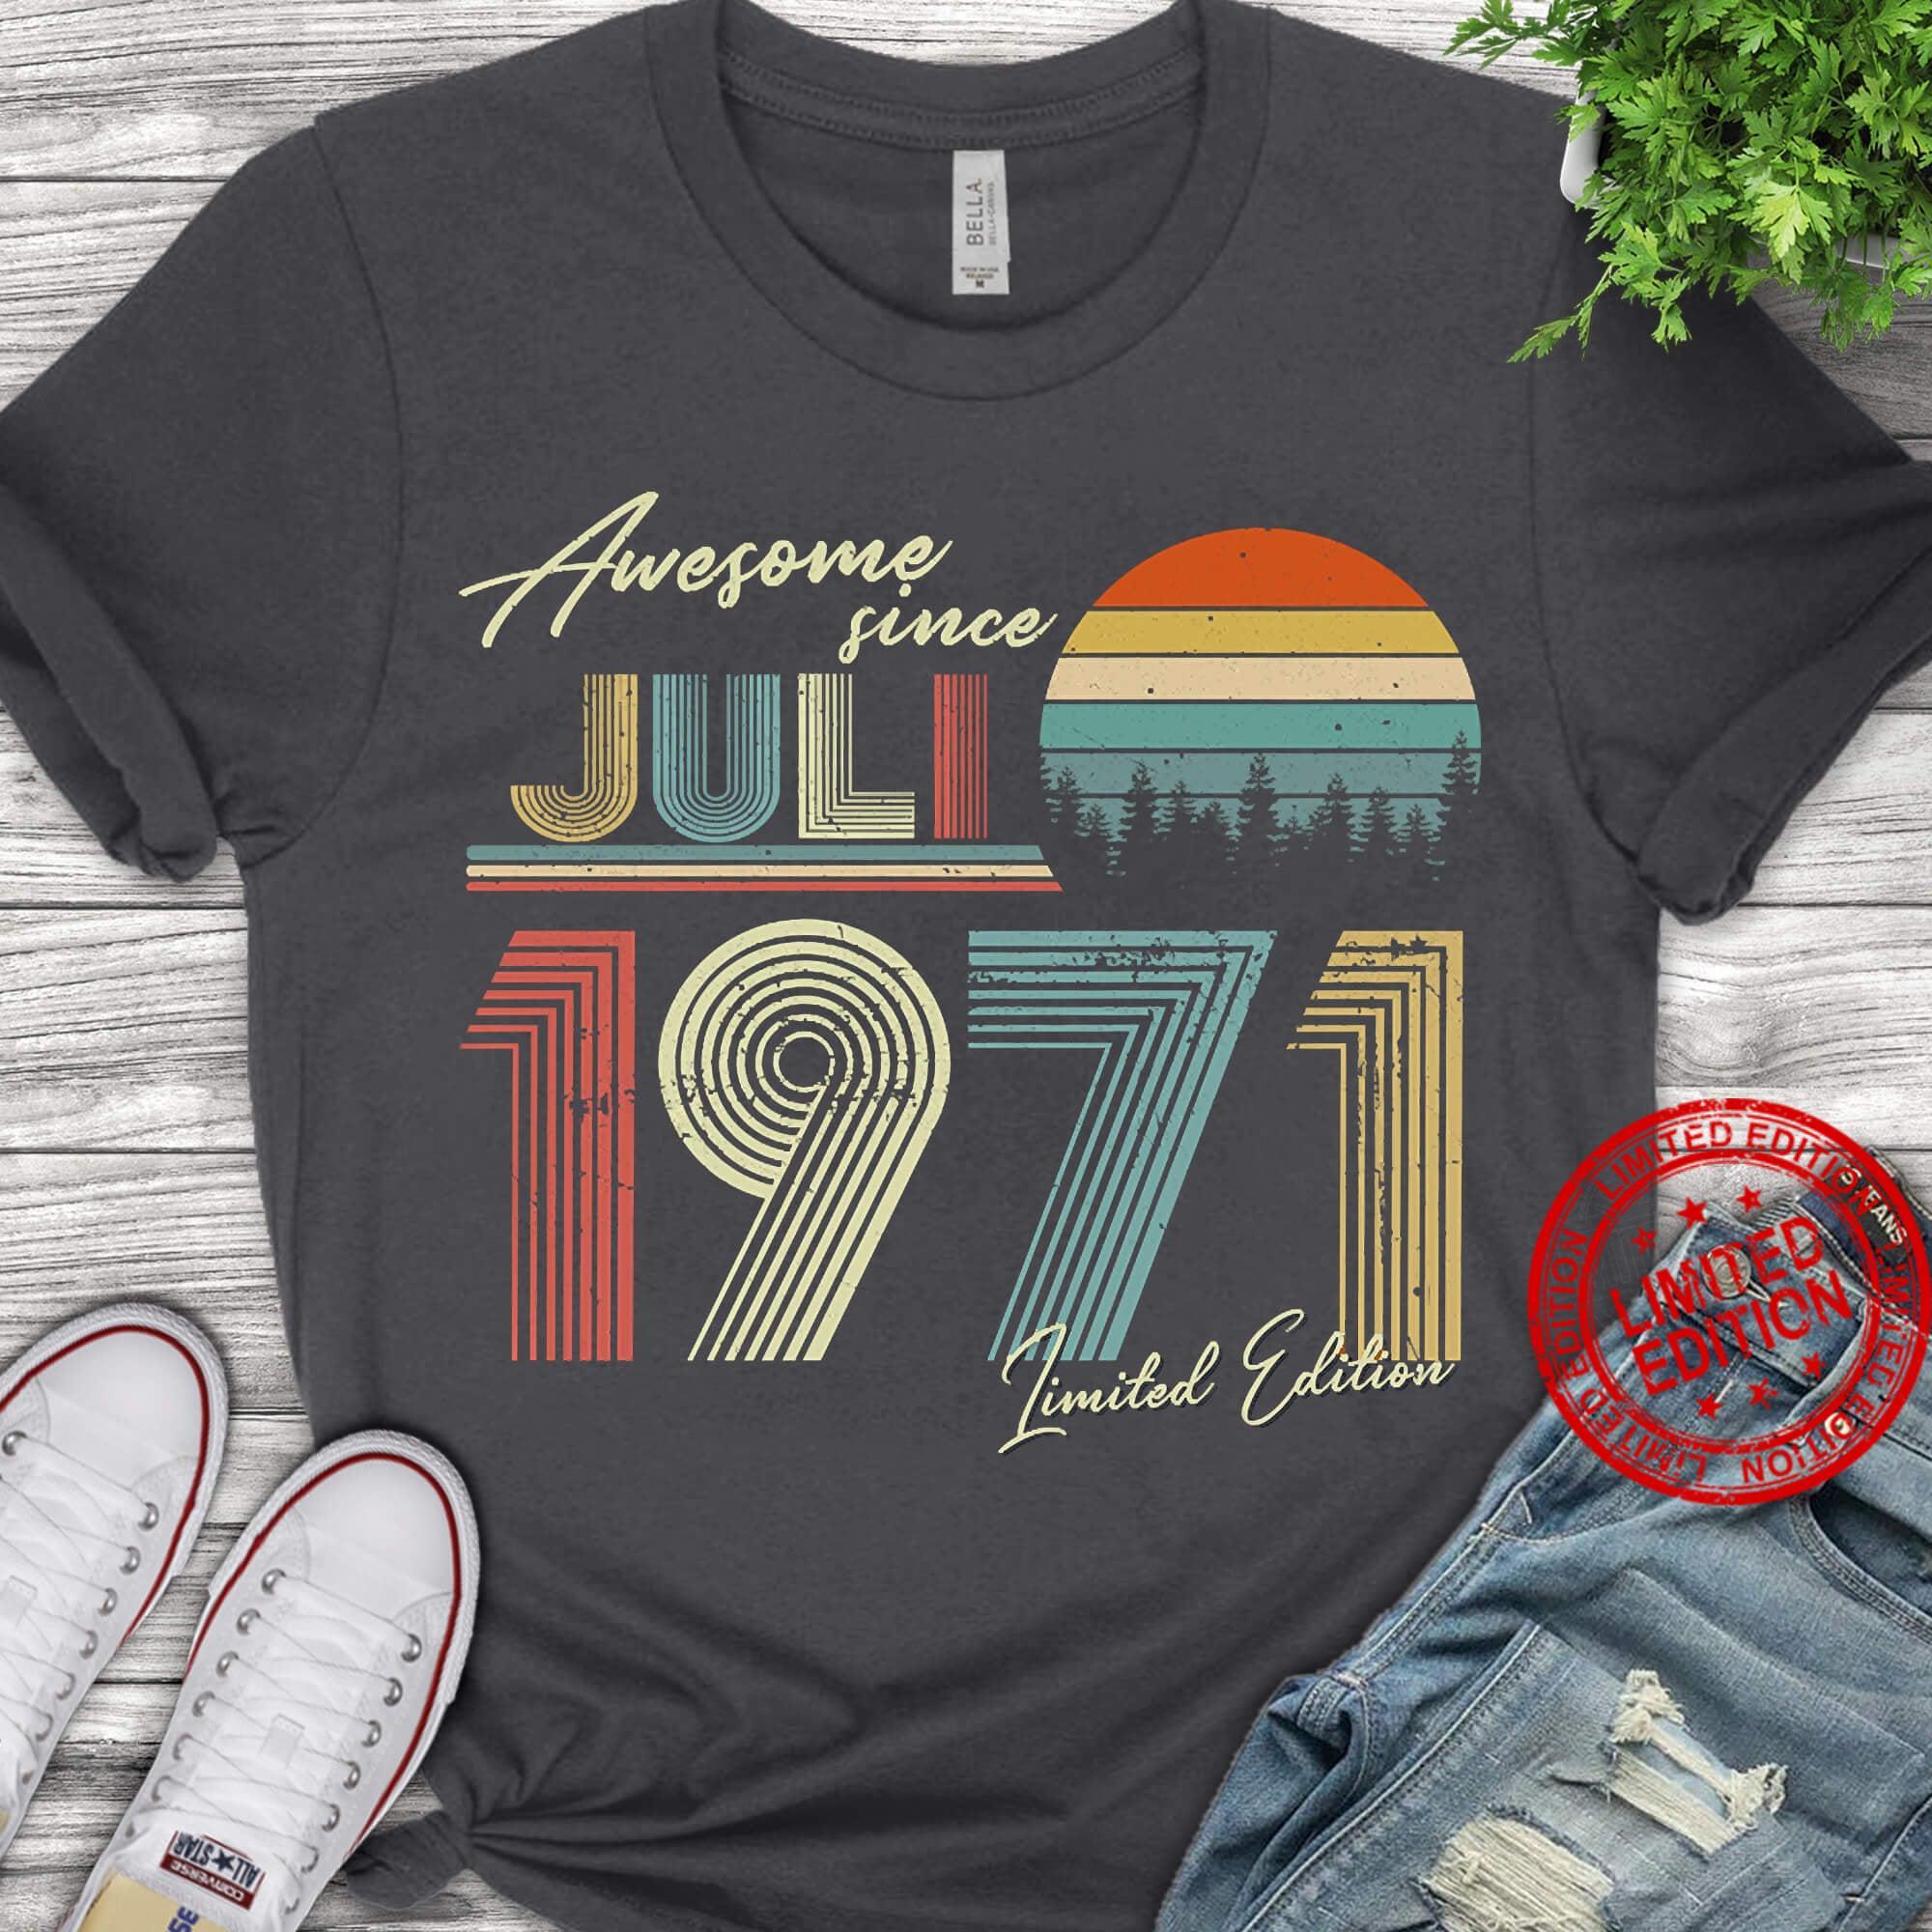 Vintage 1971 Retro Shirt